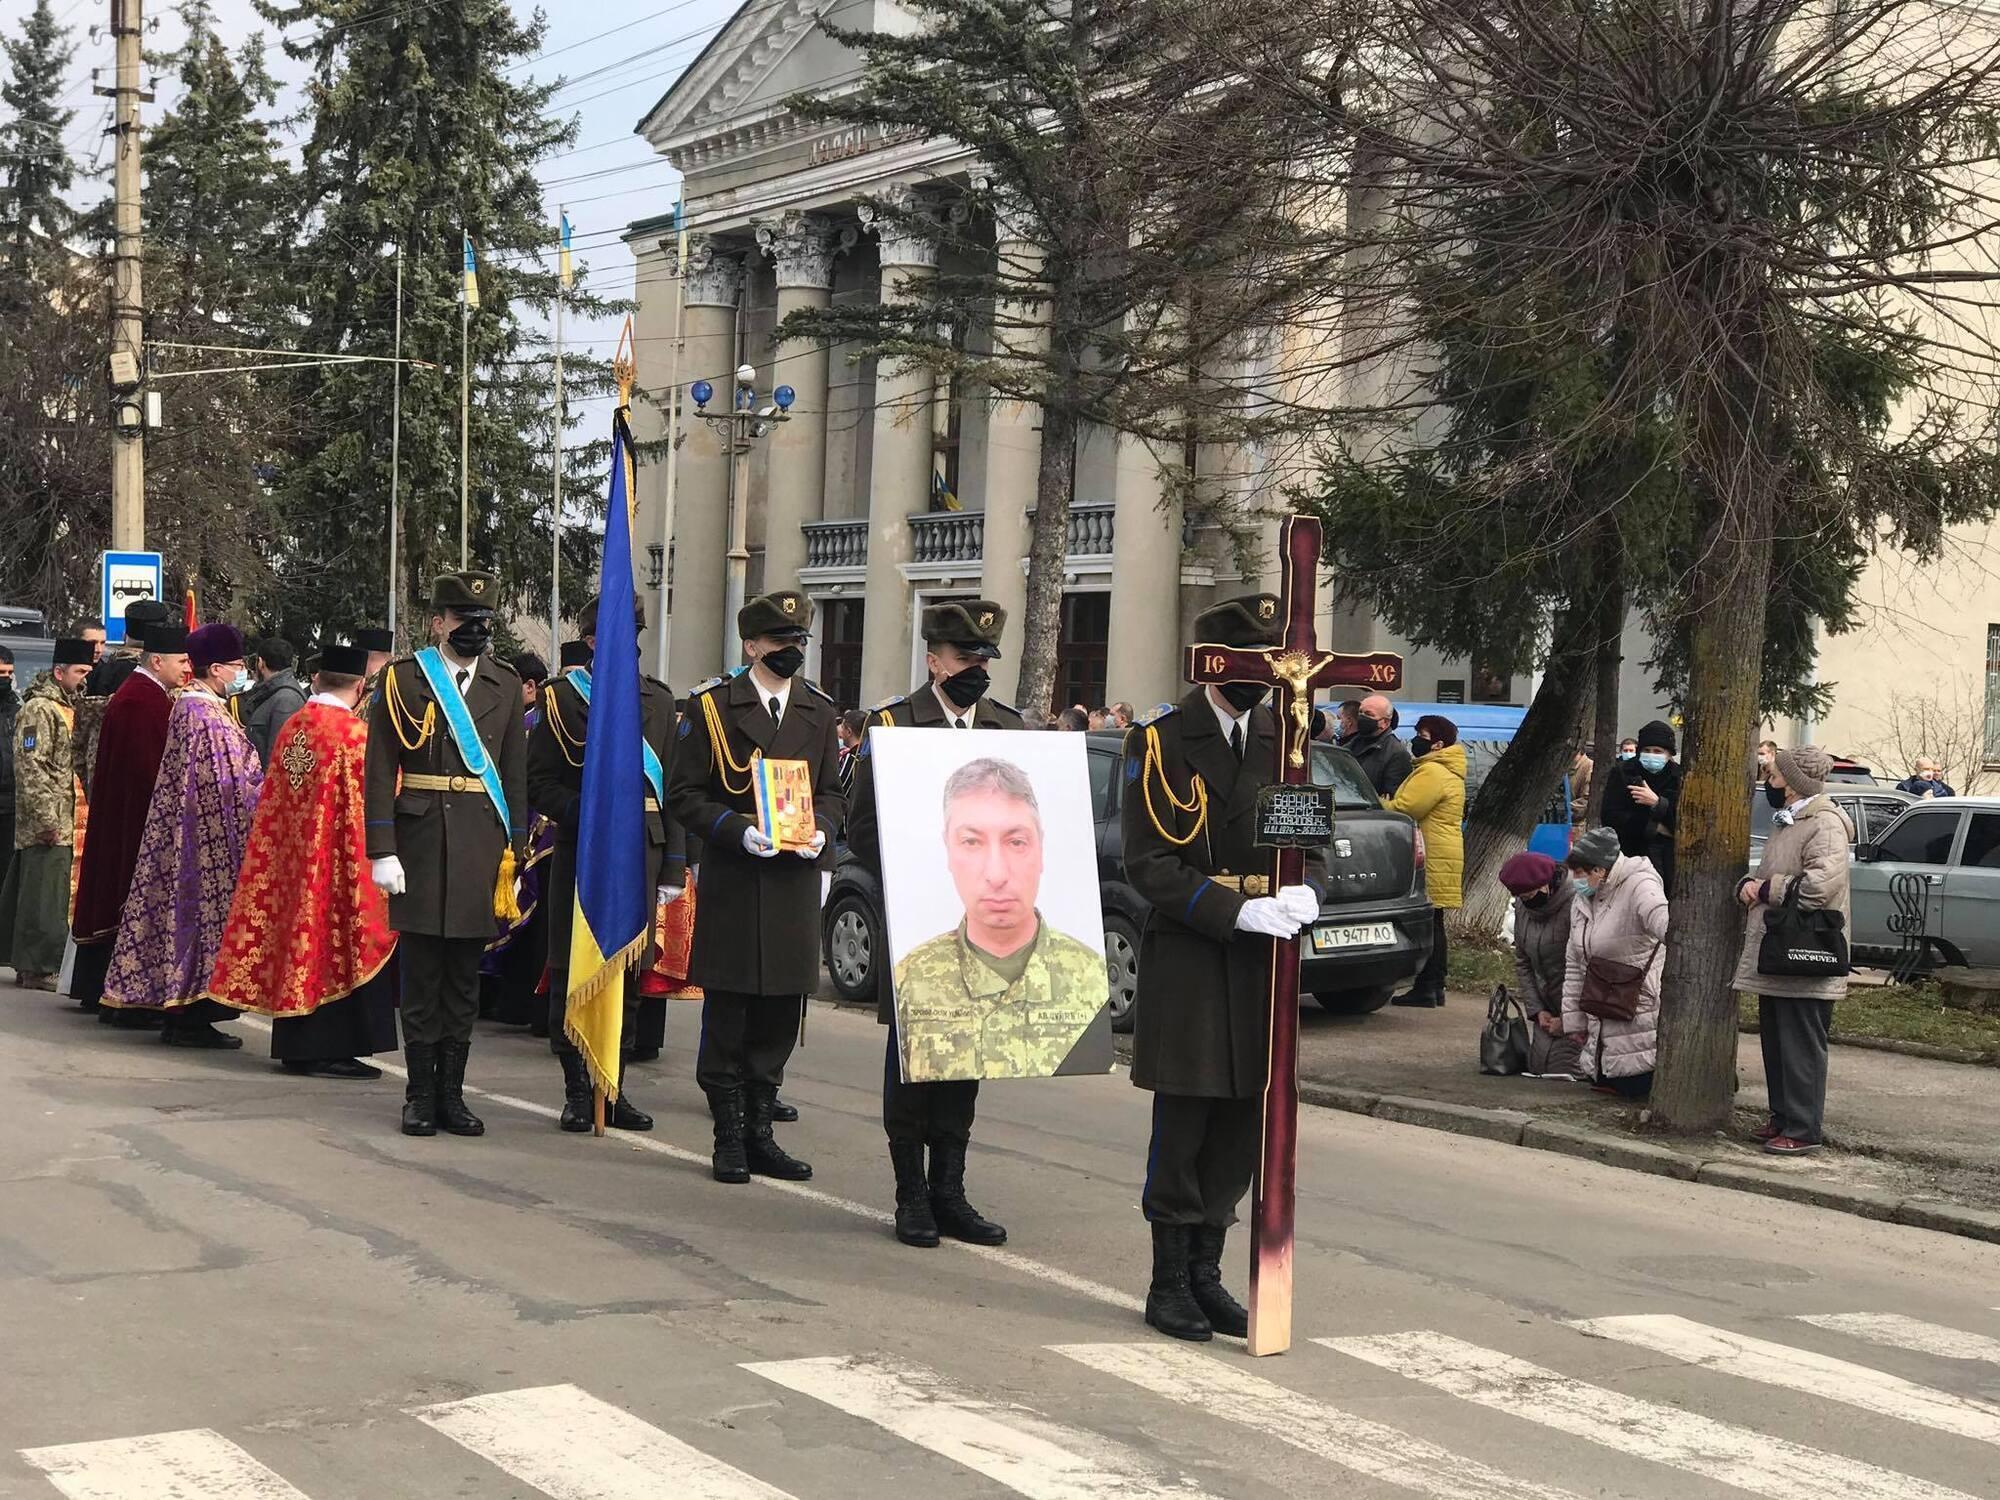 Труну з тілом воїна ЗСУ Барнича супроводжував військовий оркестр